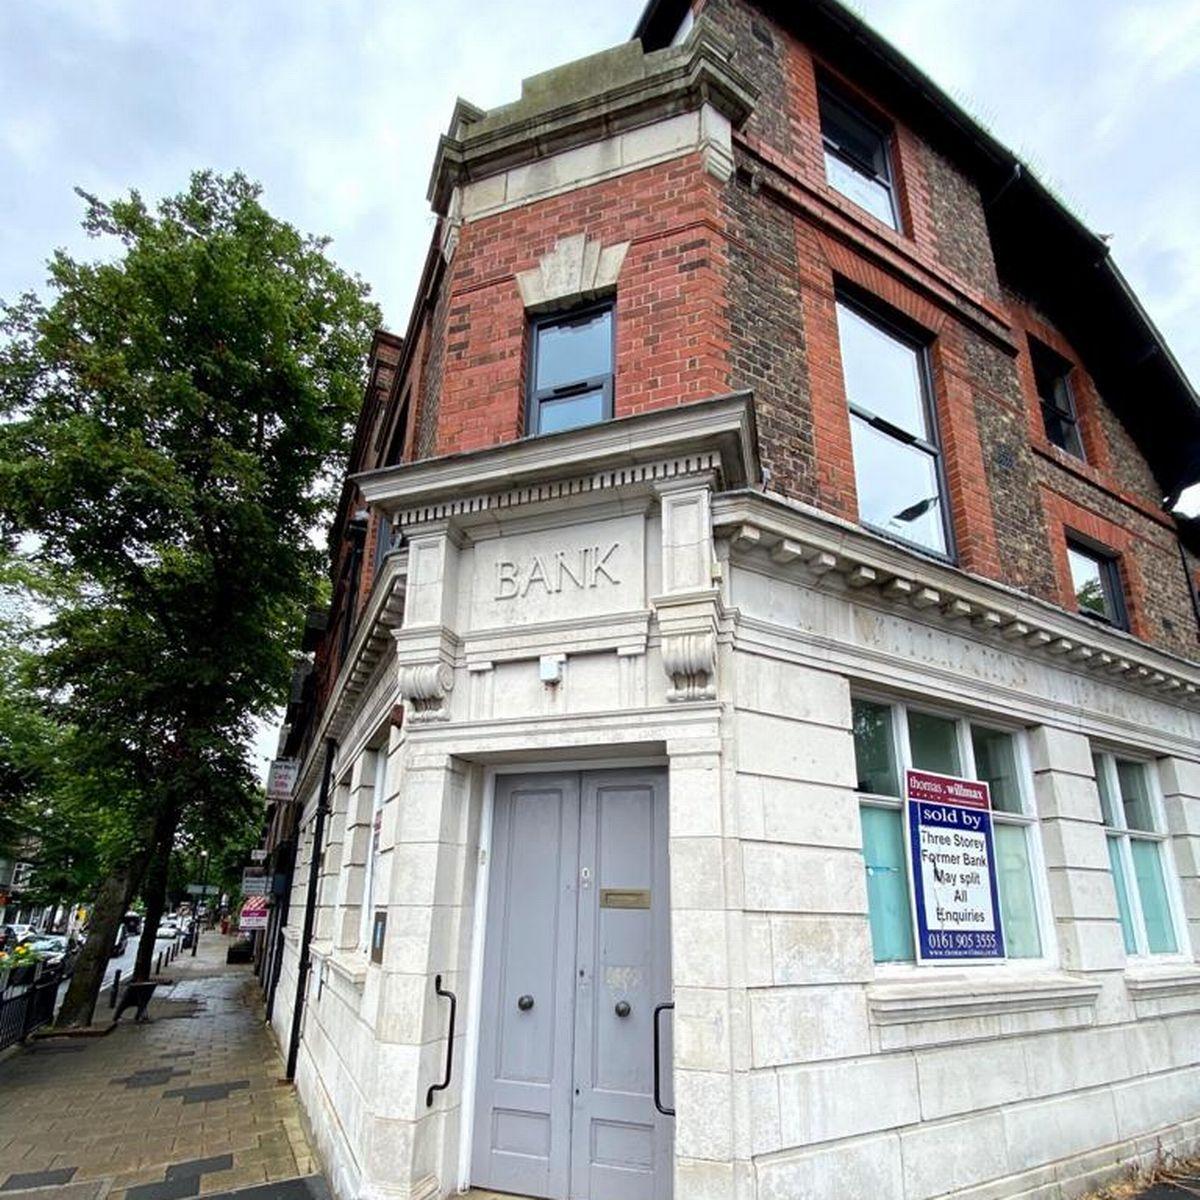 I-au refuzat un împrumut și acum este propietarul clădirii băncii